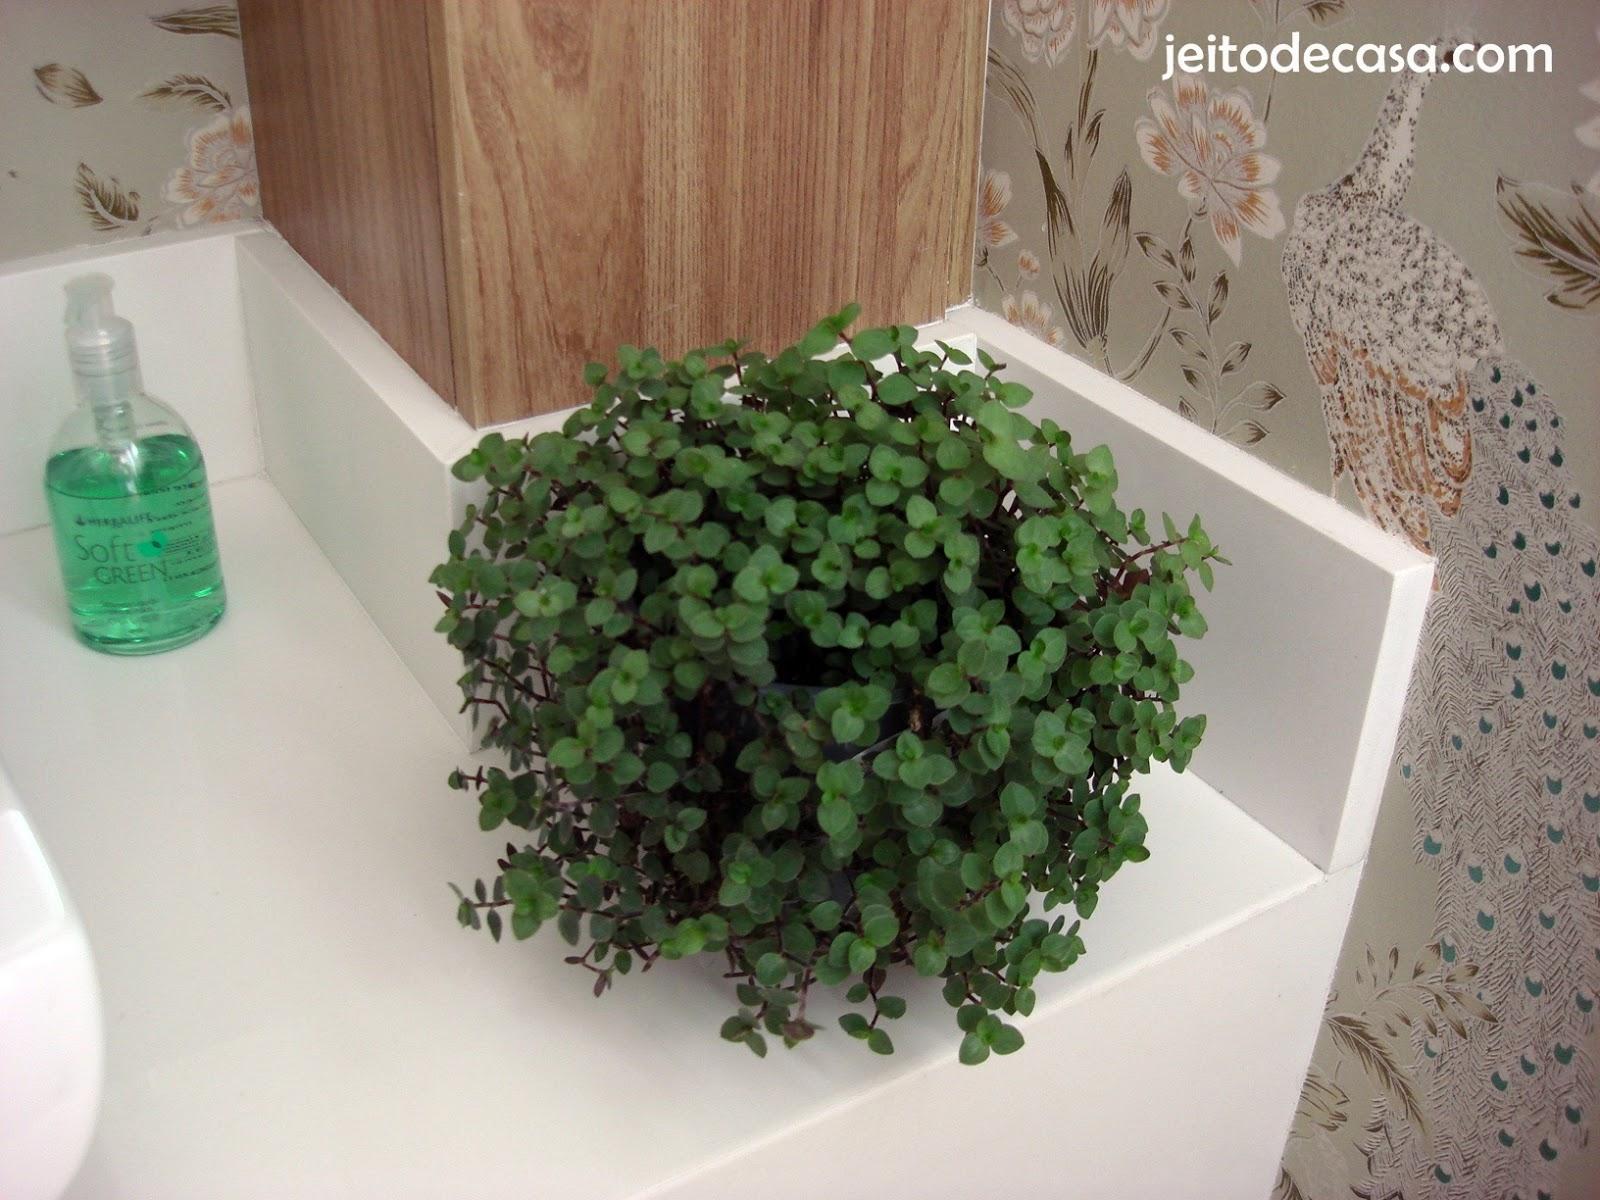 Plantas naturais no lavabo  Jeito de Casa  Blog de Decoração -> Banheiro Decorado Com Planta Artificial